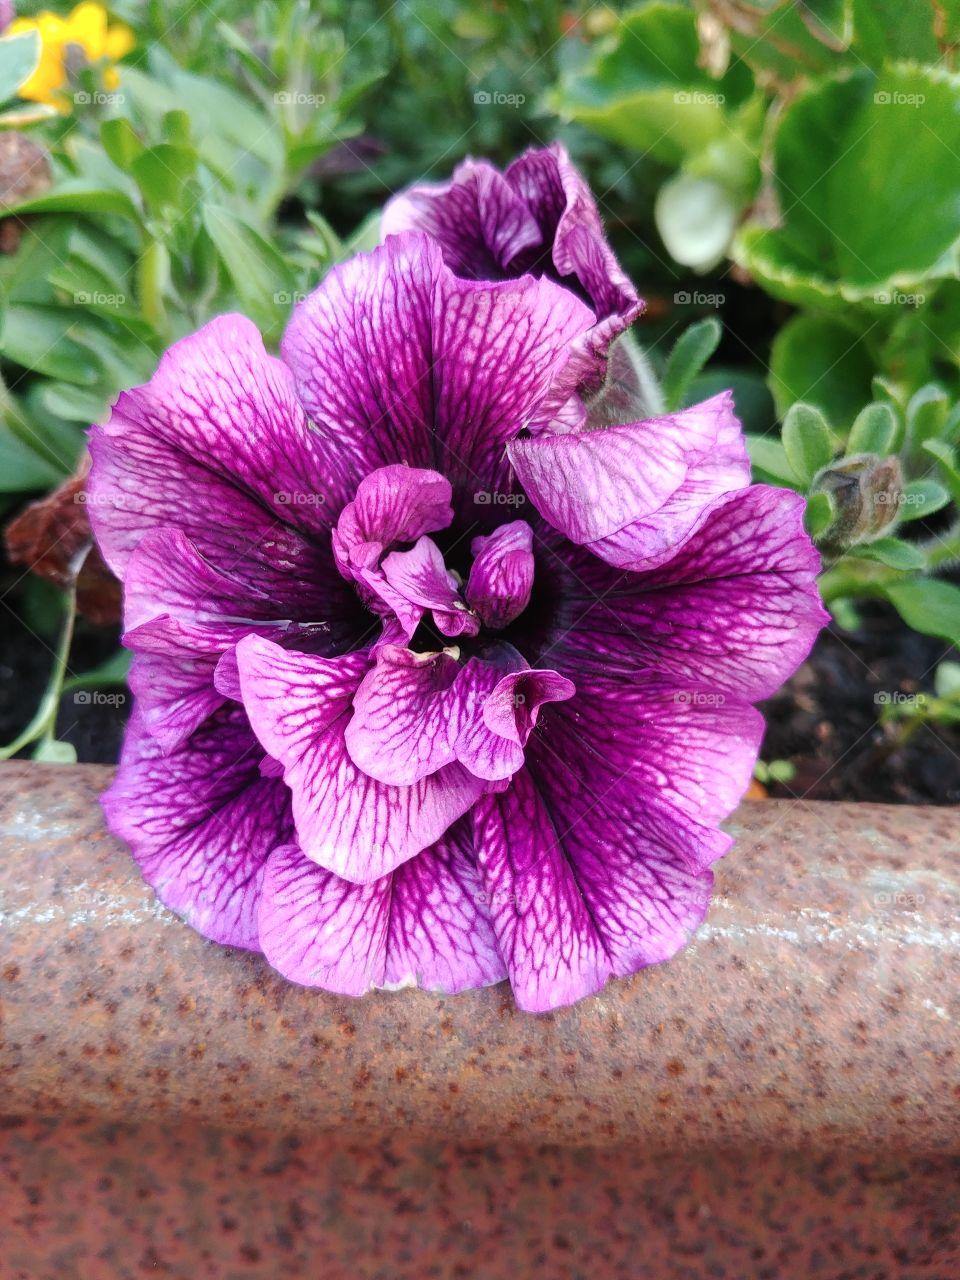 blühen Blüte blume lila purple flower